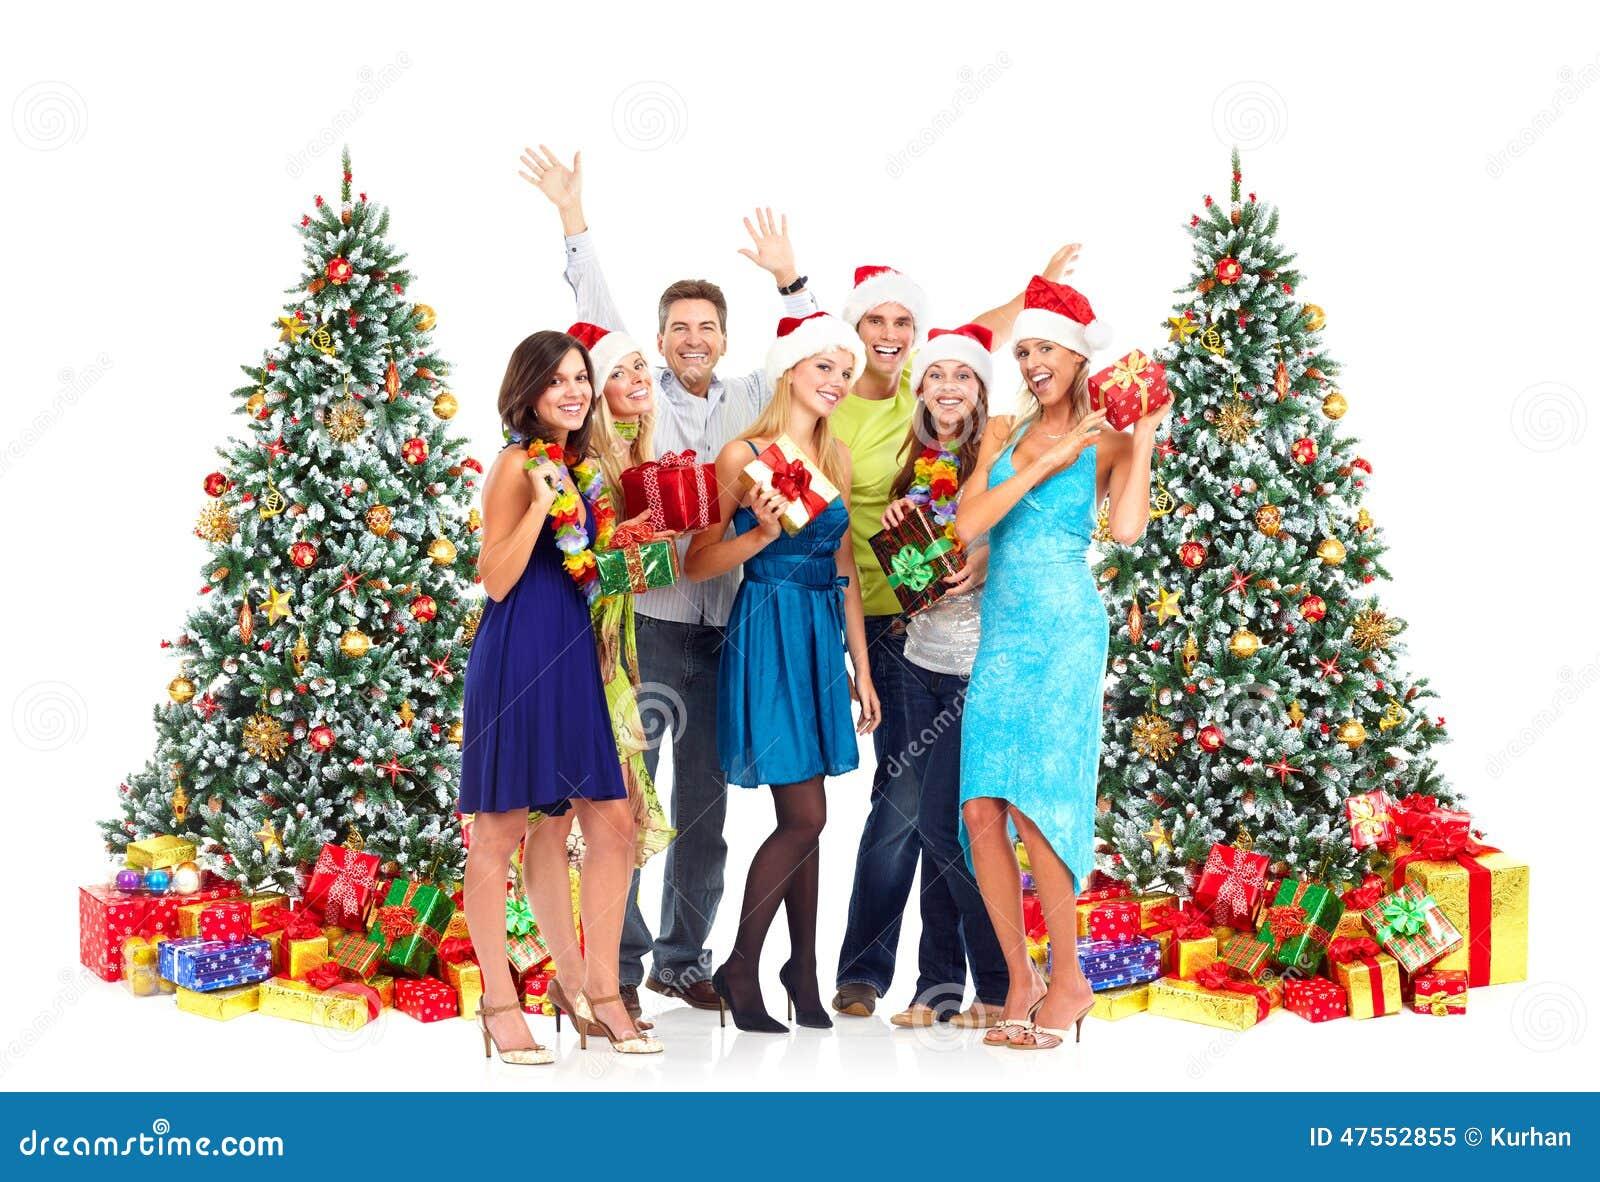 Gente Feliz En Navidad.Gente Feliz Con Los Regalos De La Navidad Imagen De Archivo